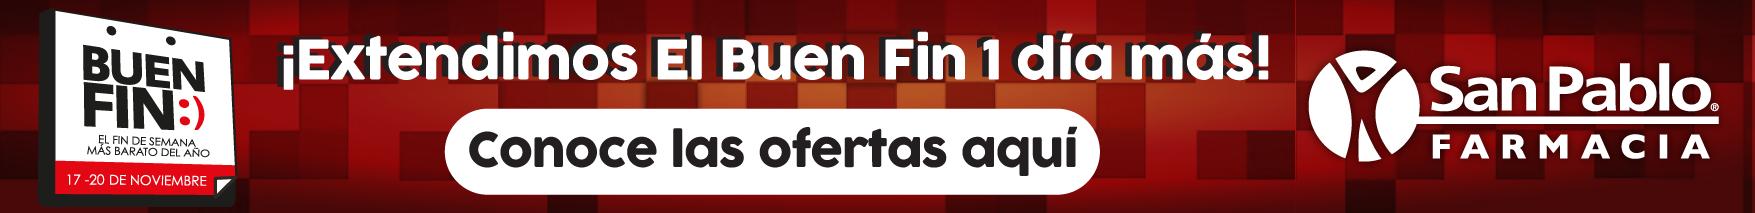 Buen Fin - San Pablo Farmacia